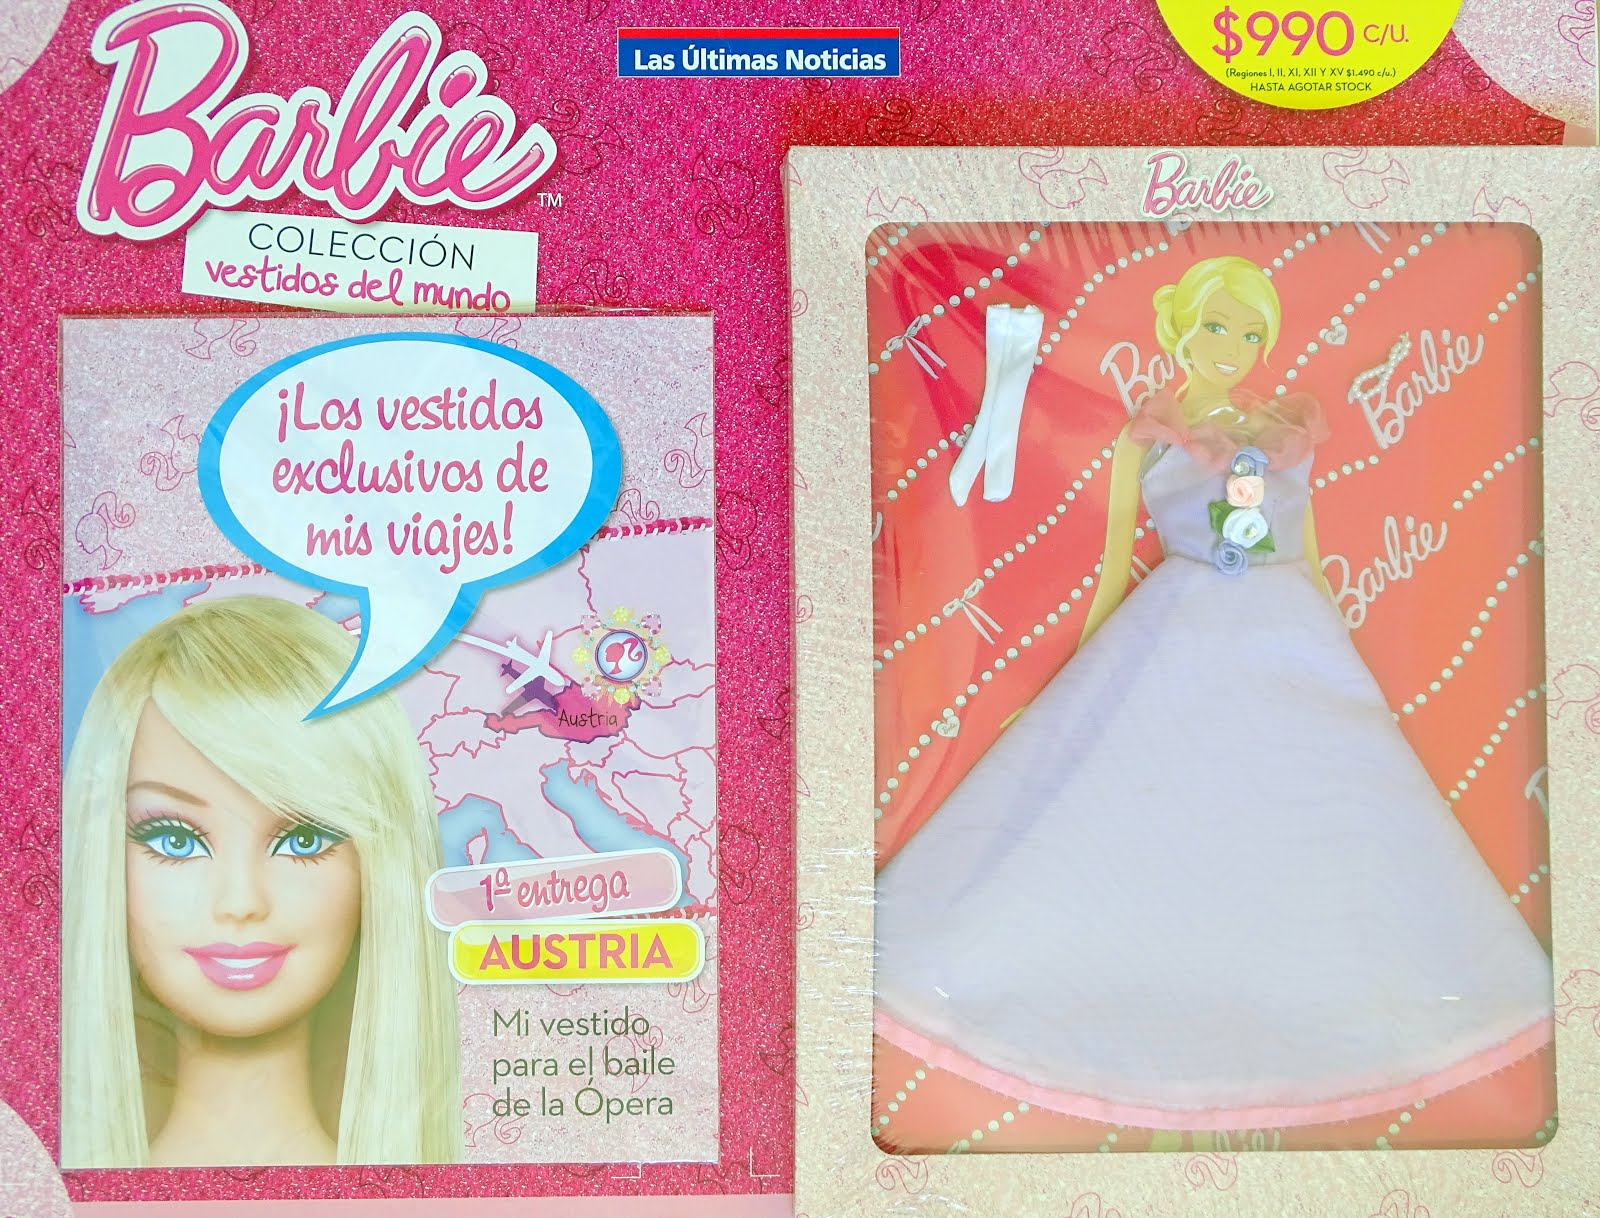 que bonito Yohanita!: Barbie, Colección Vestidos del Mundo: Austria